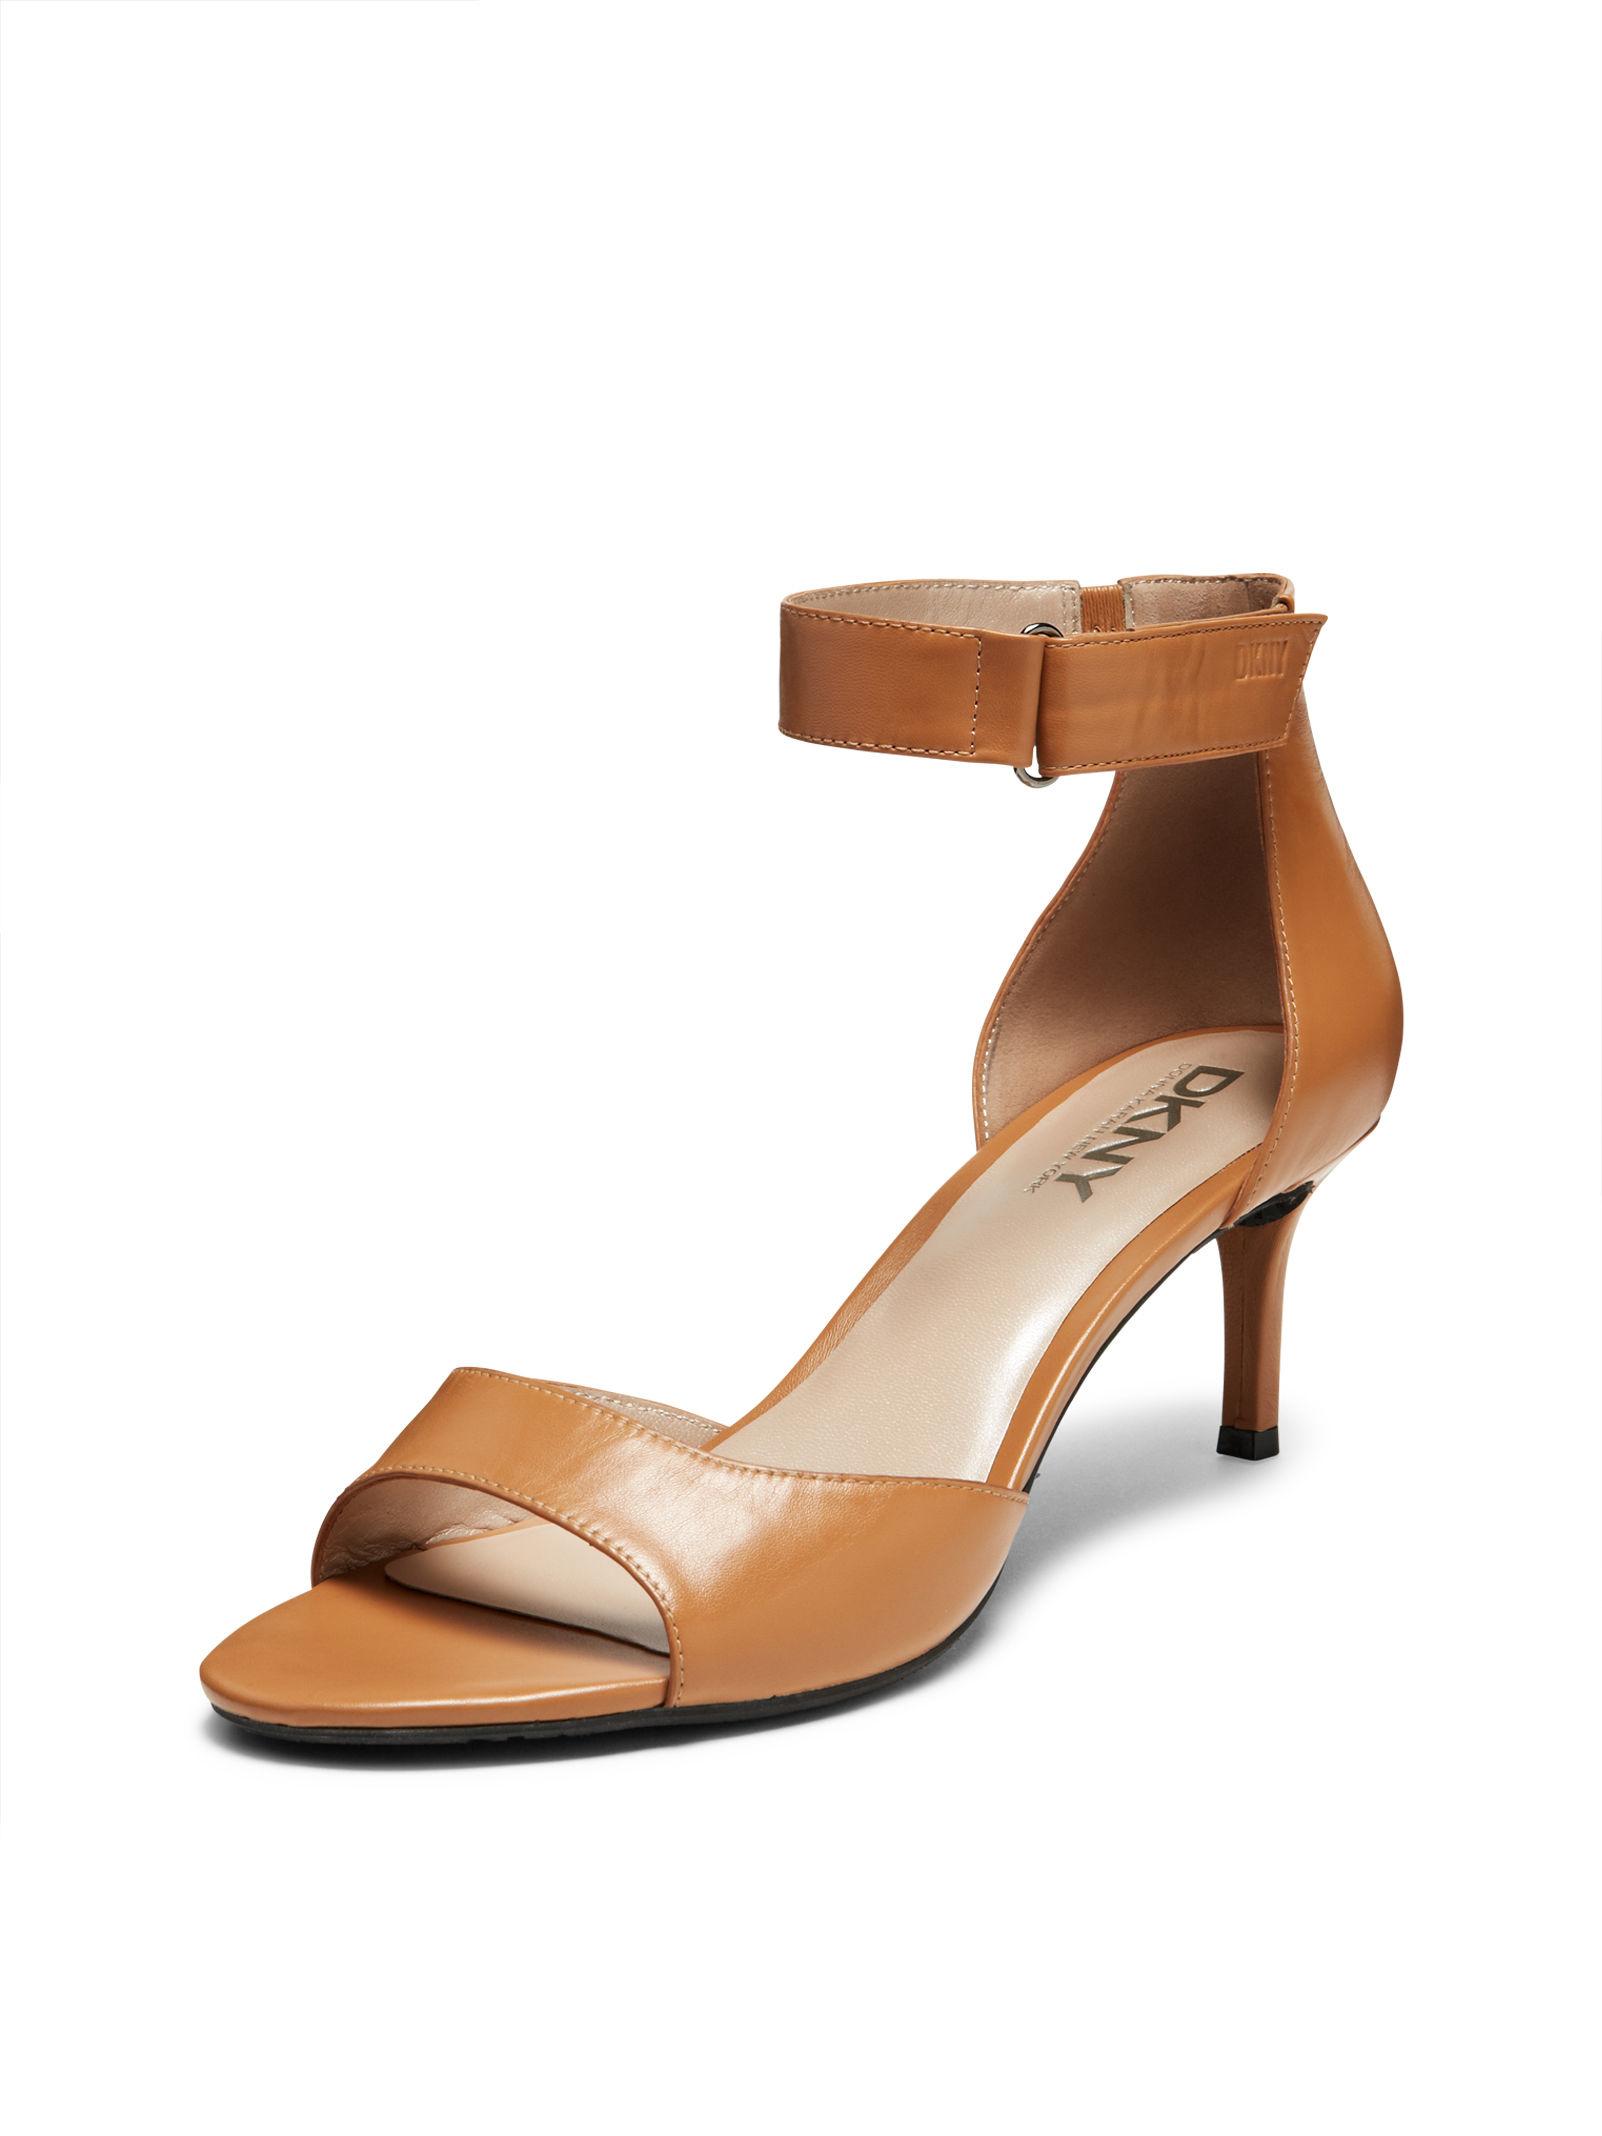 42a1e896099 Lyst - DKNY Gianna Kitten Heel Sandal in Brown